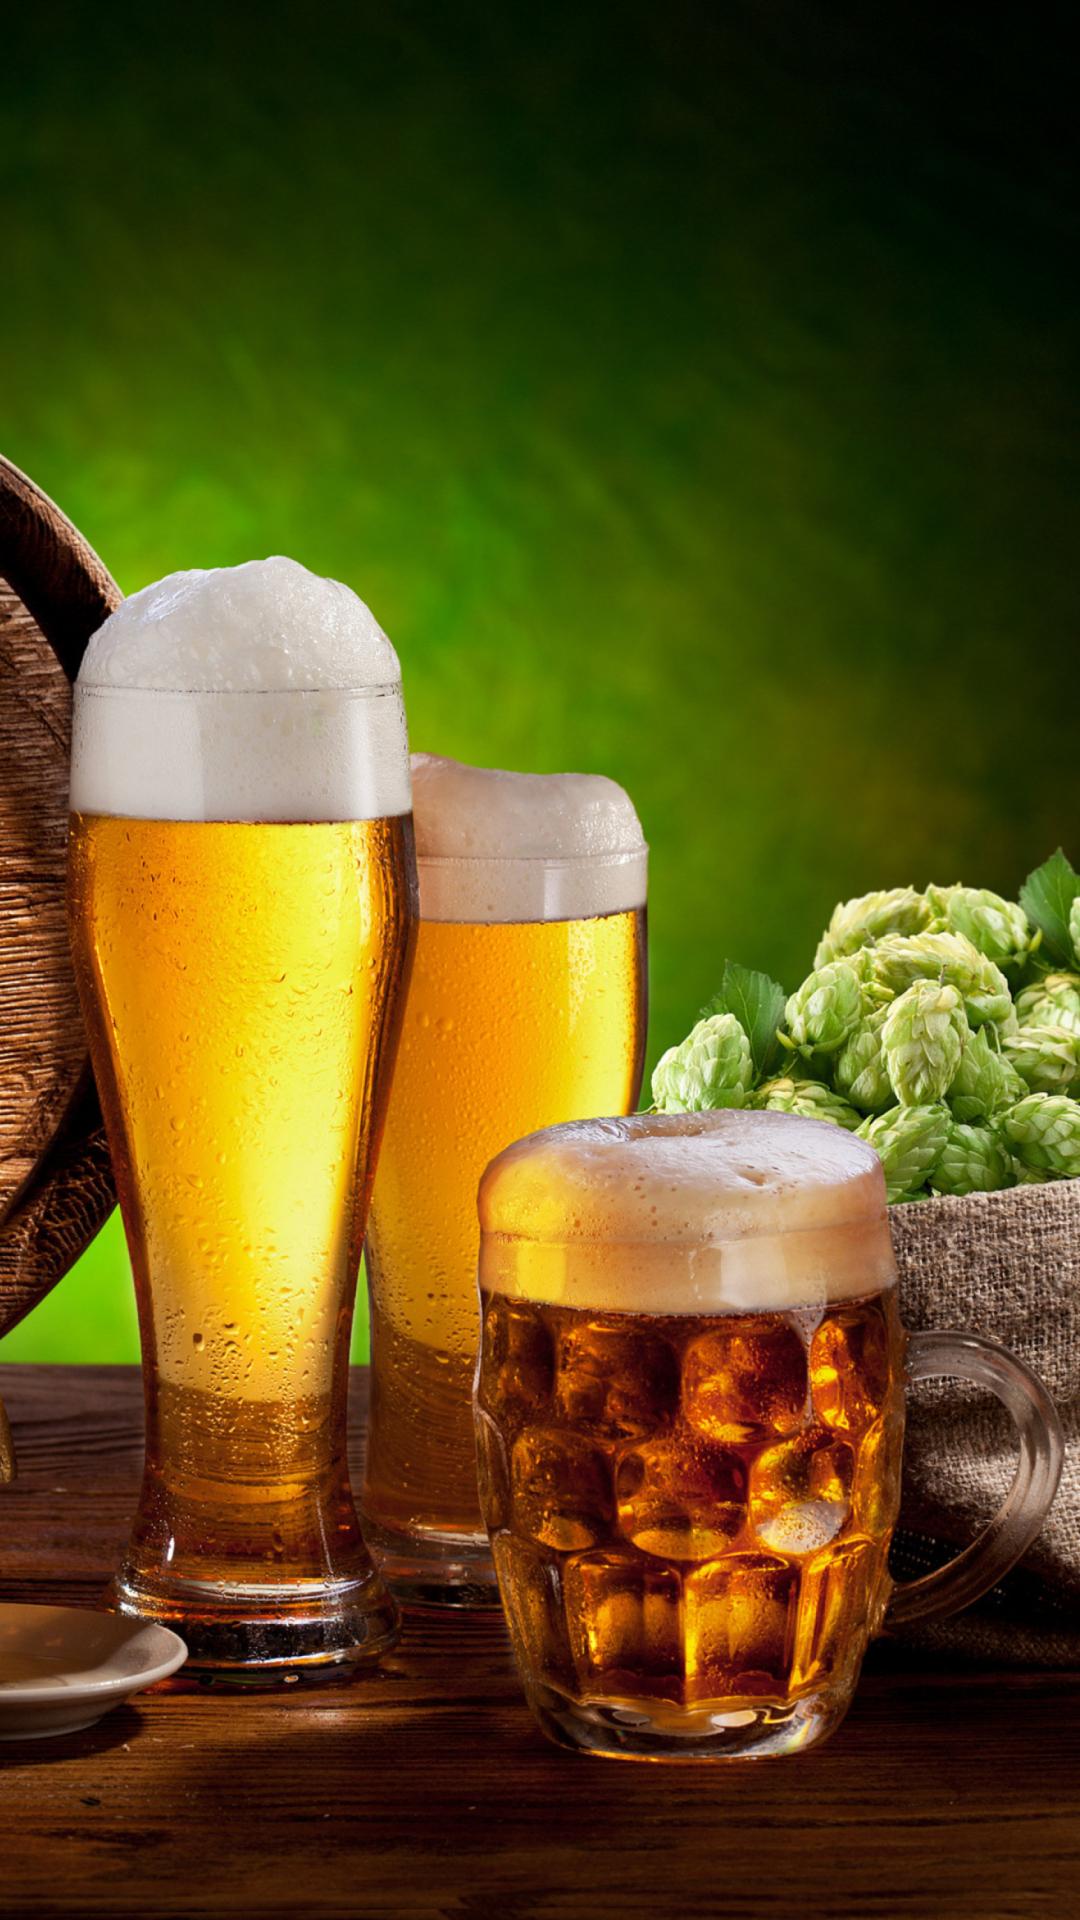 Картинки, картинки на тему пиво большого разрешения